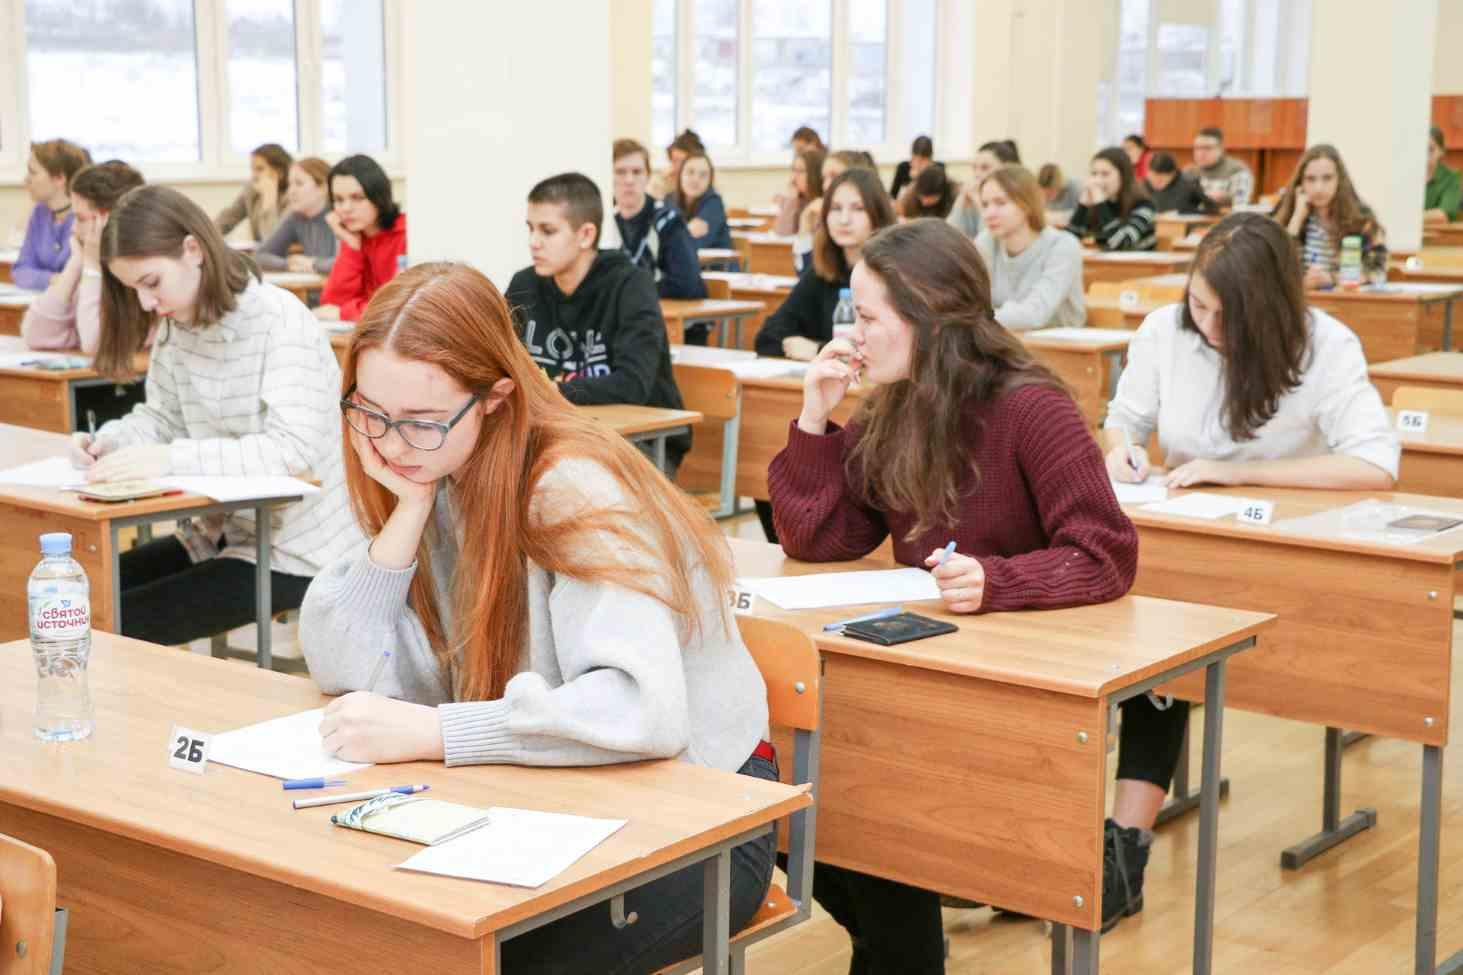 rosobrnadzor-izmeneniya-v-ege-2020-ne-priveli-k-snizheniyu-kolichestva-uchastnikov